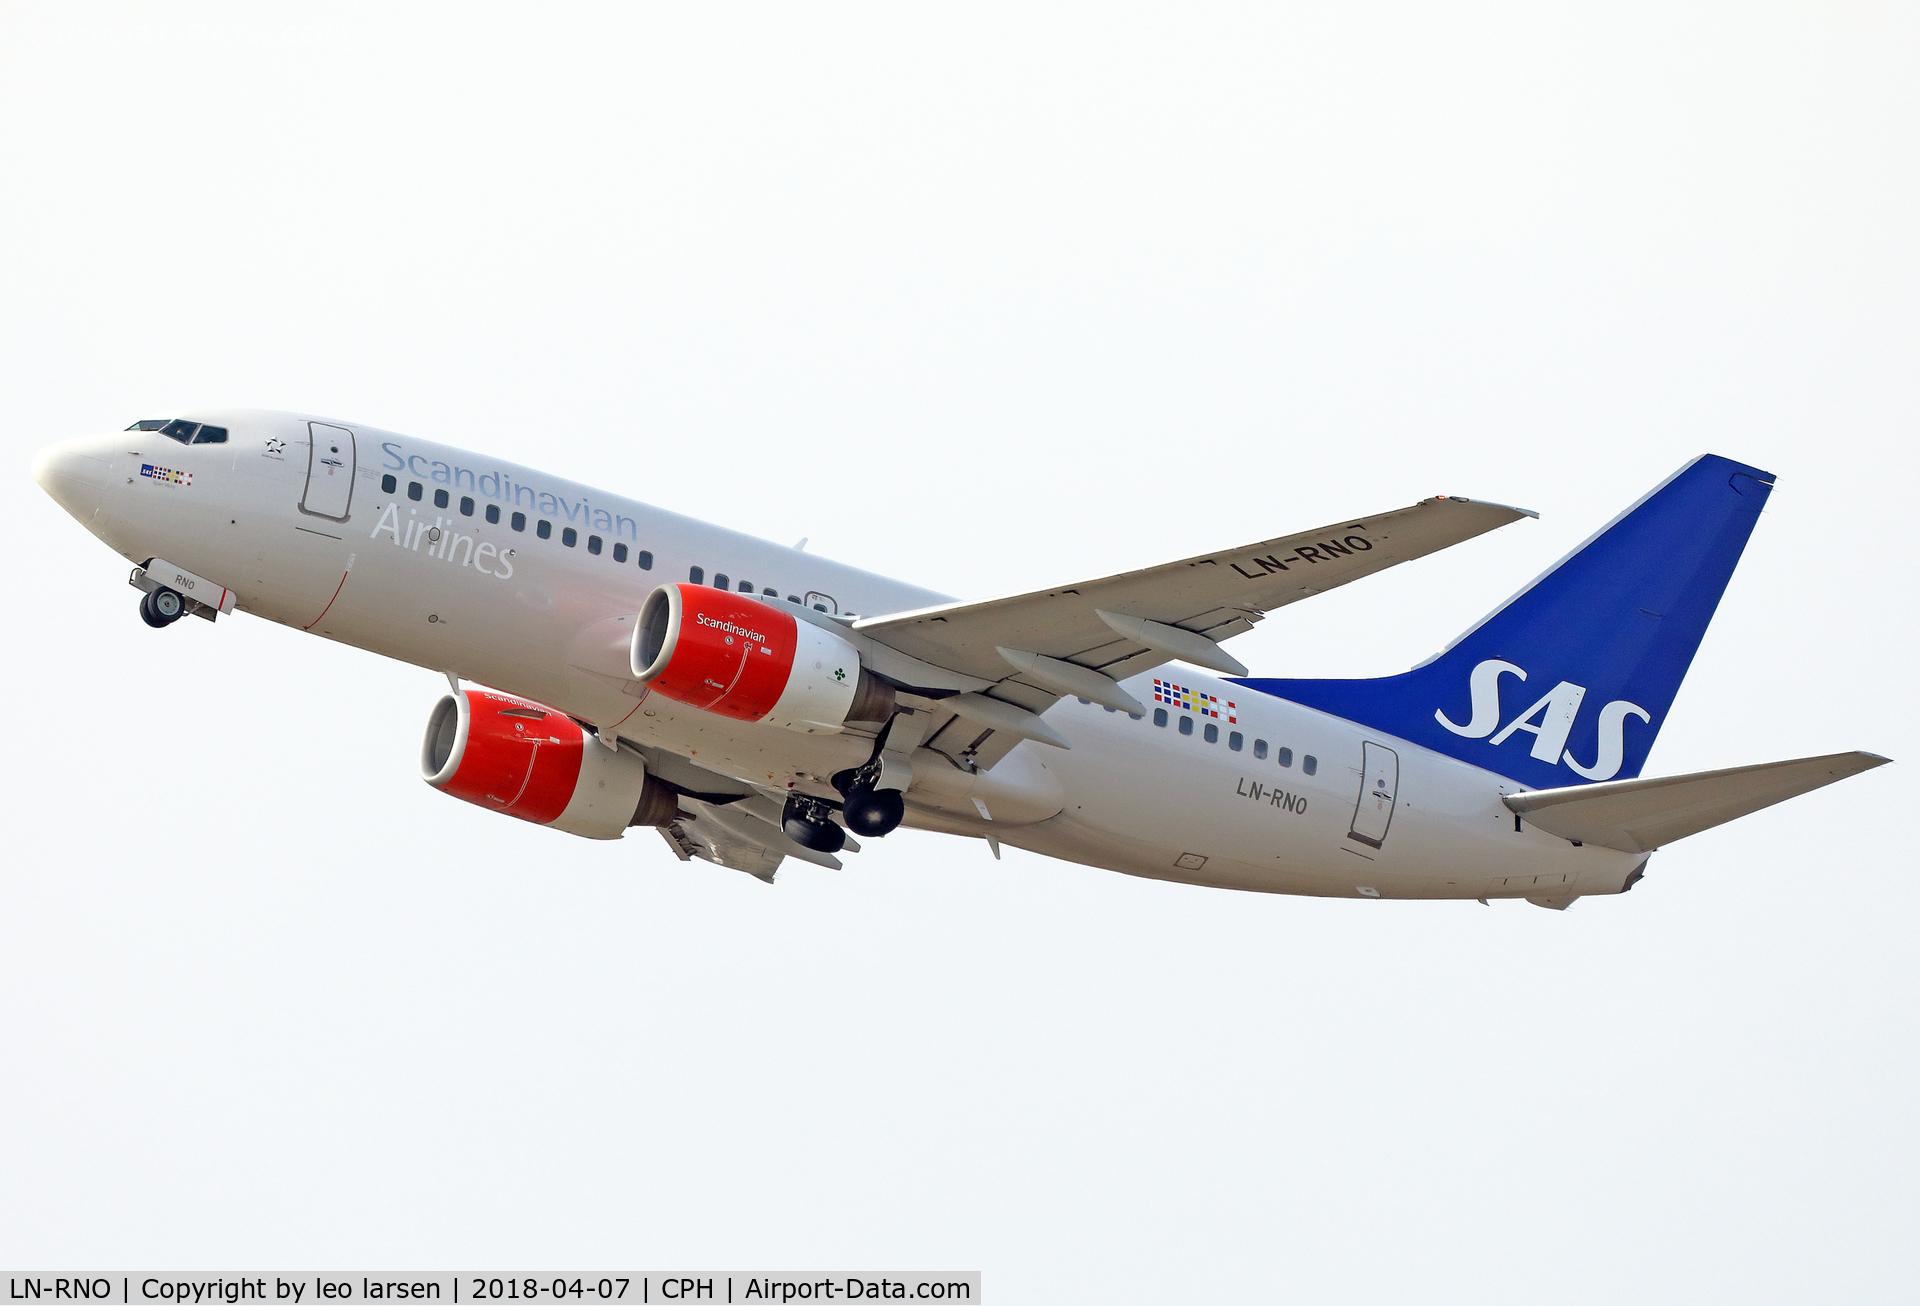 LN-RNO, 1999 Boeing 737-783 C/N 28316, Copenhagen 7.4.2018